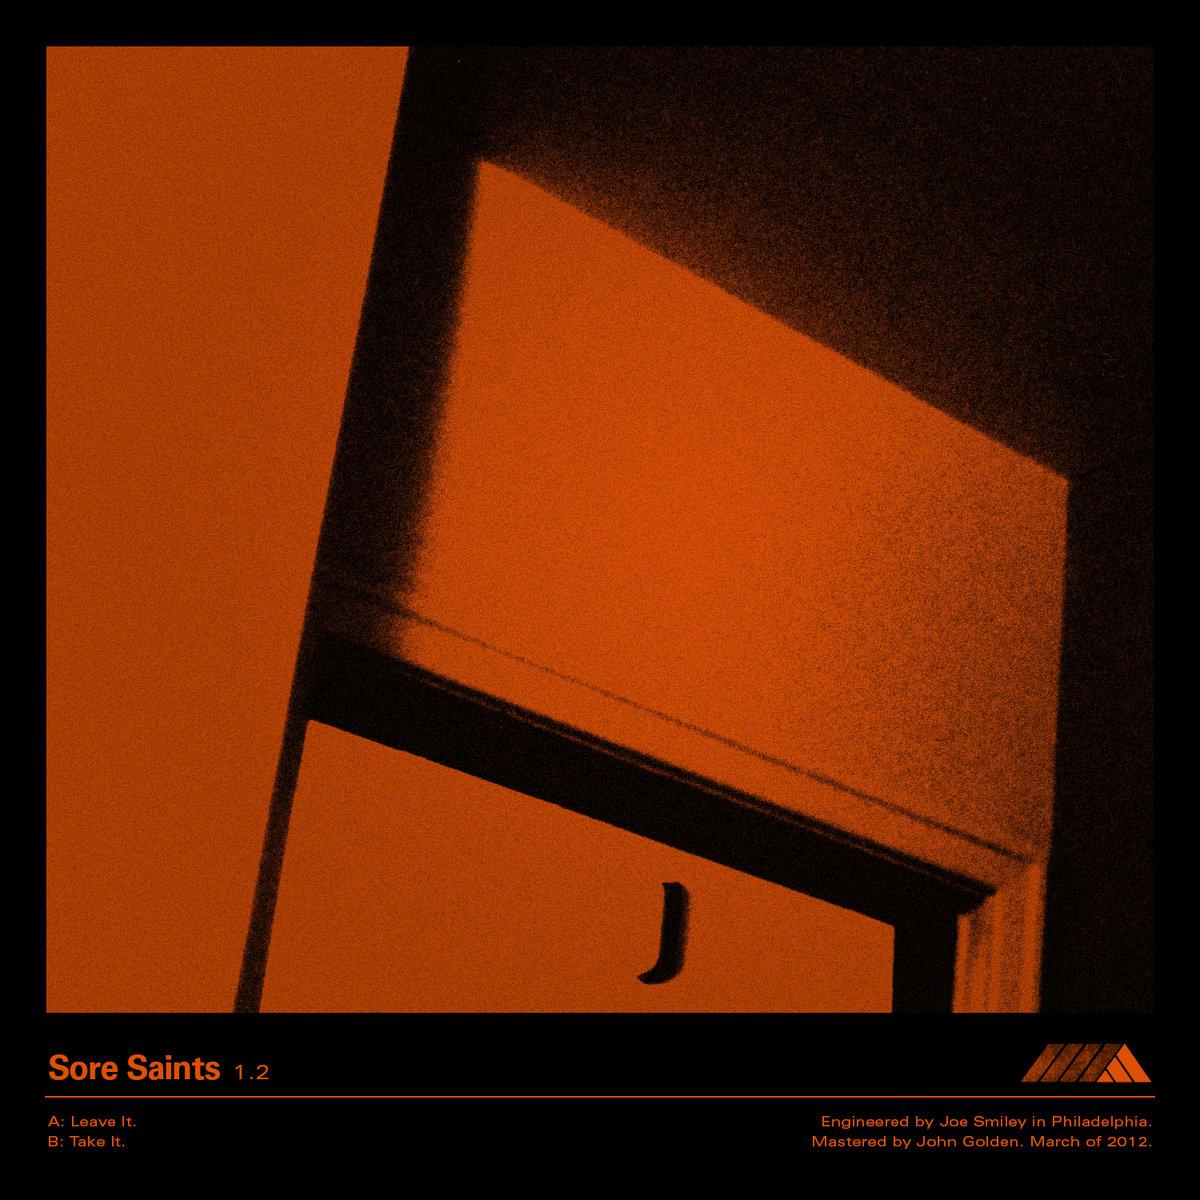 Sore Saints • 1.2